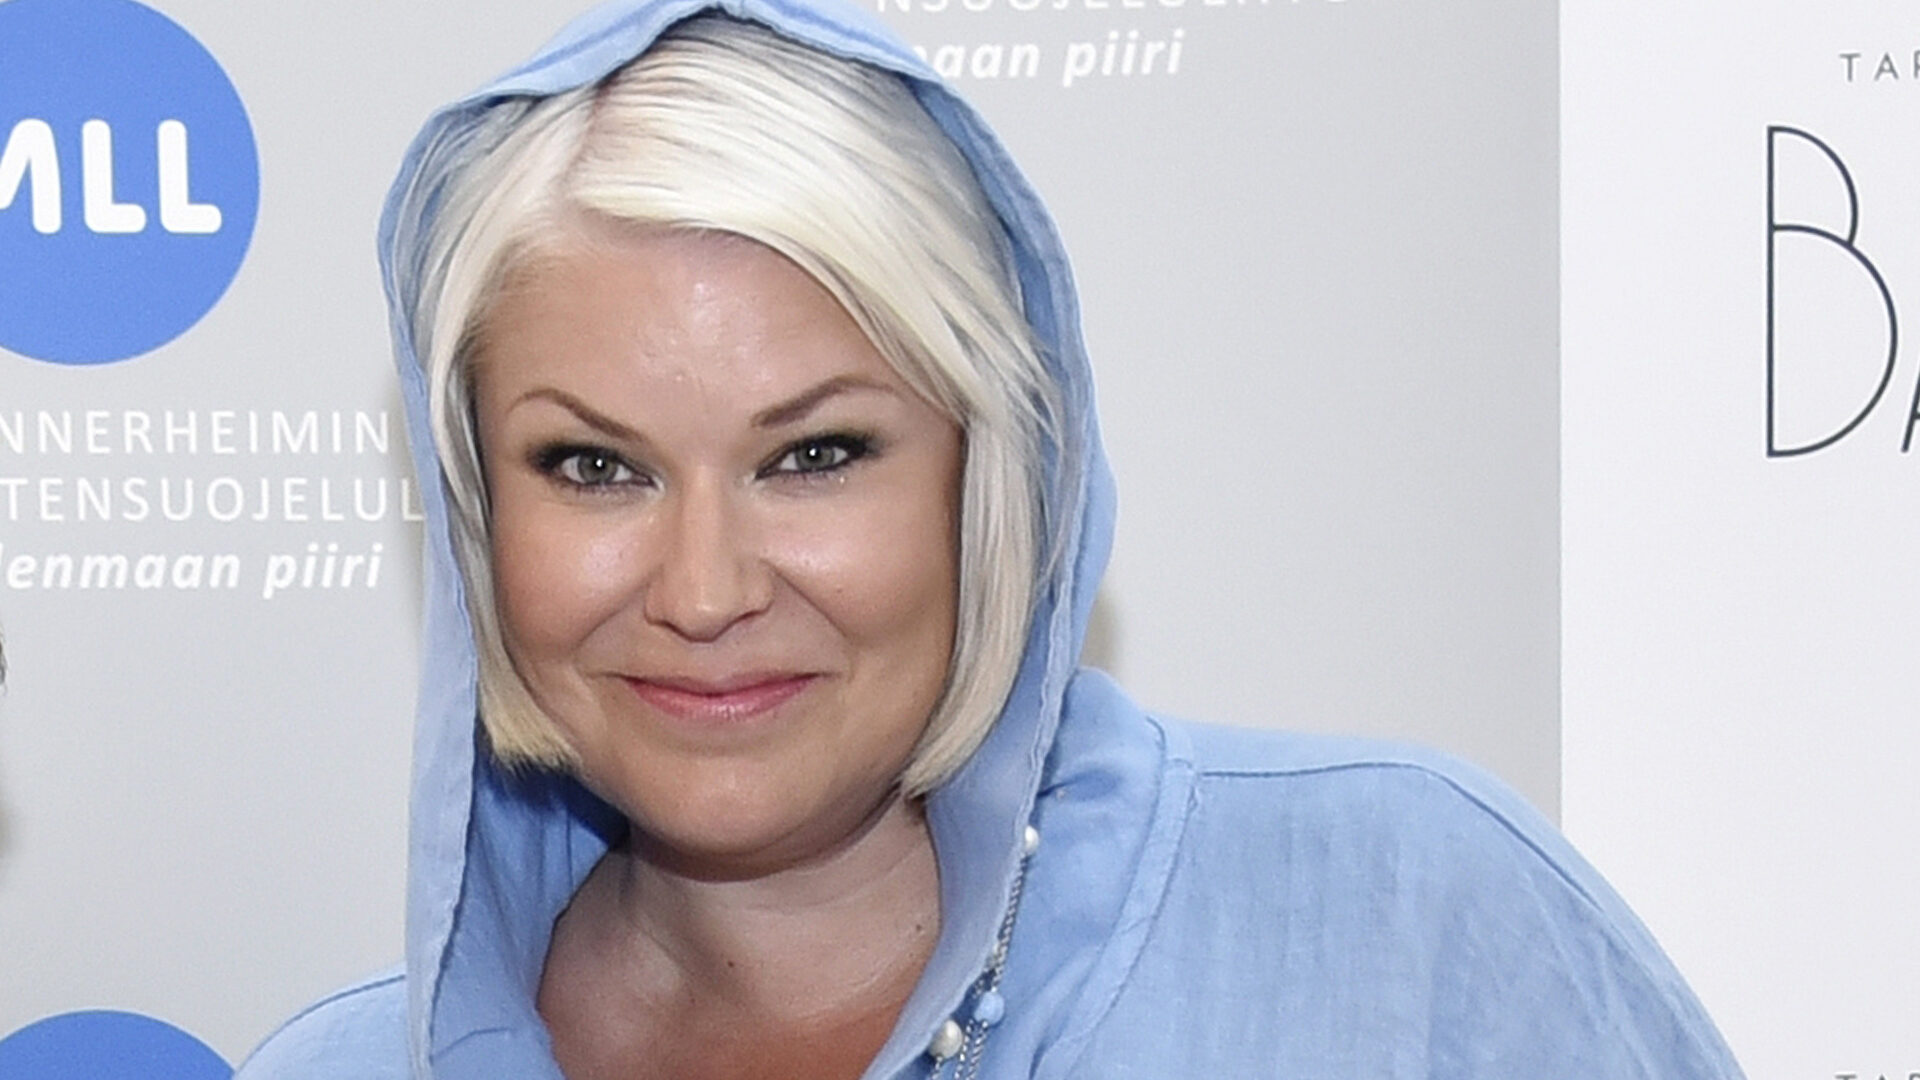 Radiotoimittaja Minna Kuukka